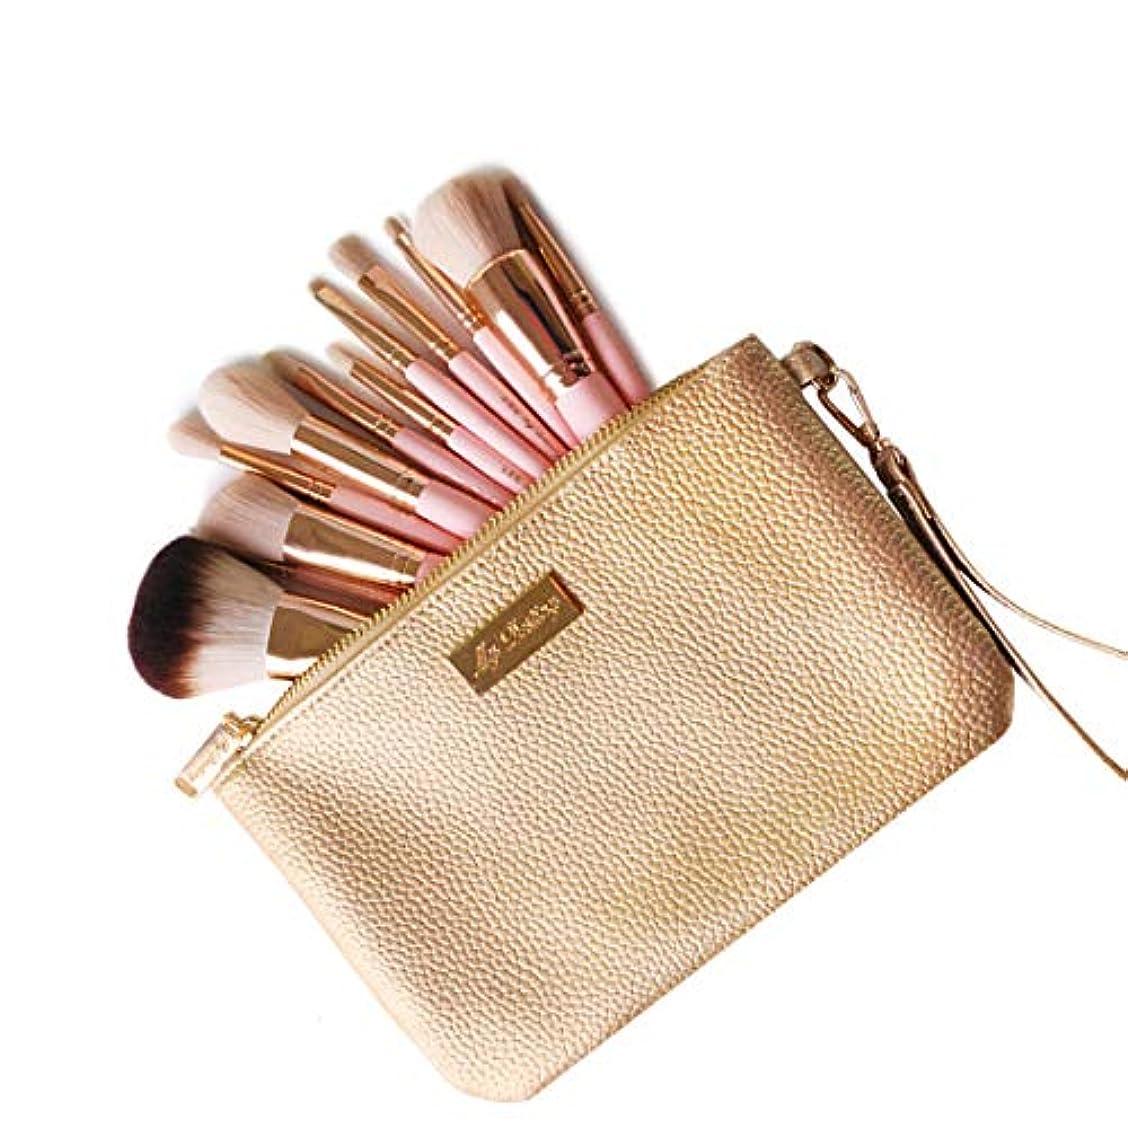 胚芽裂け目泥だらけ高級化粧ブラシセット 12本セット 超柔らかい メイクブラシセット 人気 化粧道具セット-化粧ポーチ 機能的